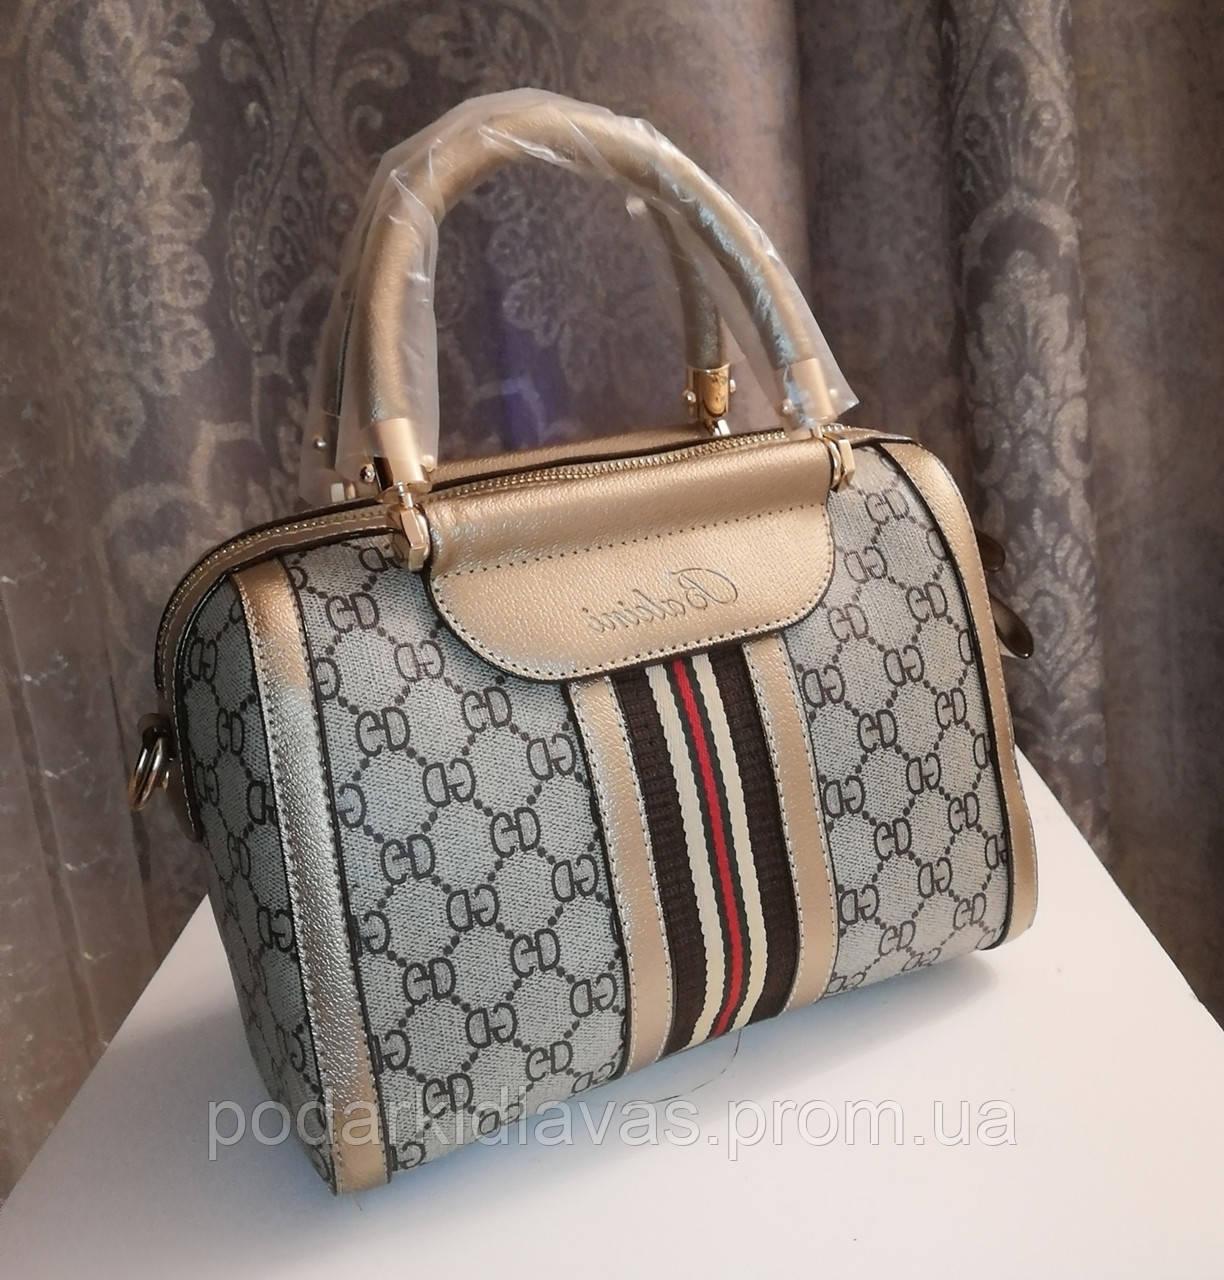 128661fd9c37 Стильная сумка кроссбоди Гуччи: продажа, цена в Одессе. женские ...